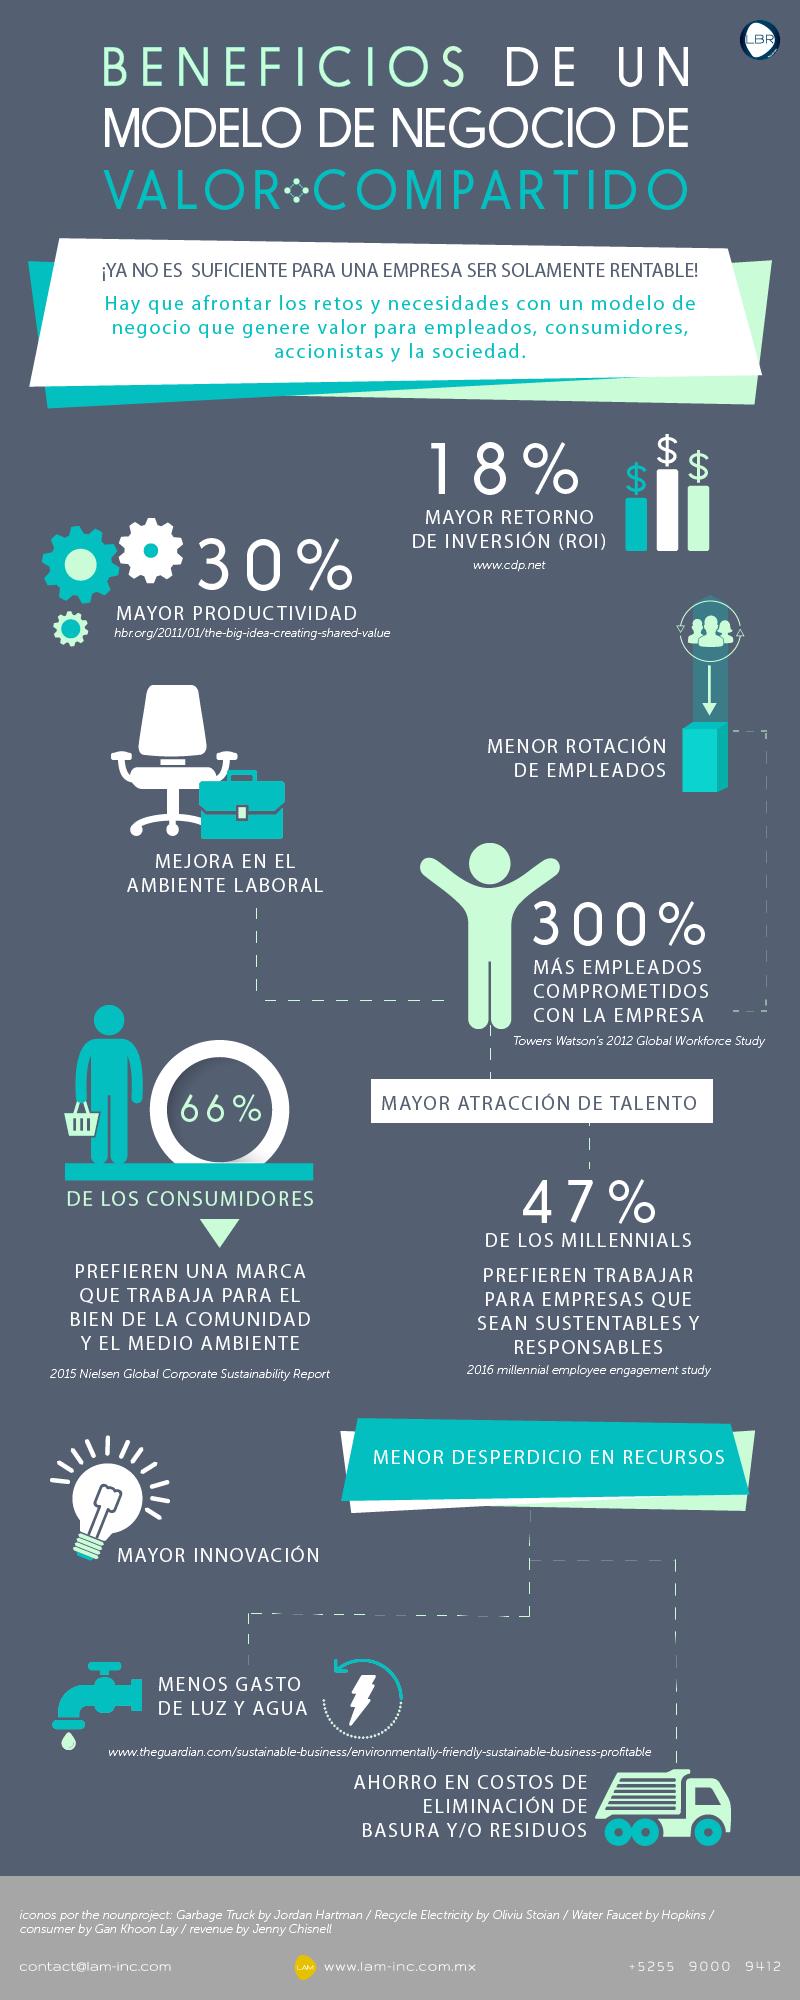 Infografía: Beneficios de un modelo de negocio de Valor Compartido